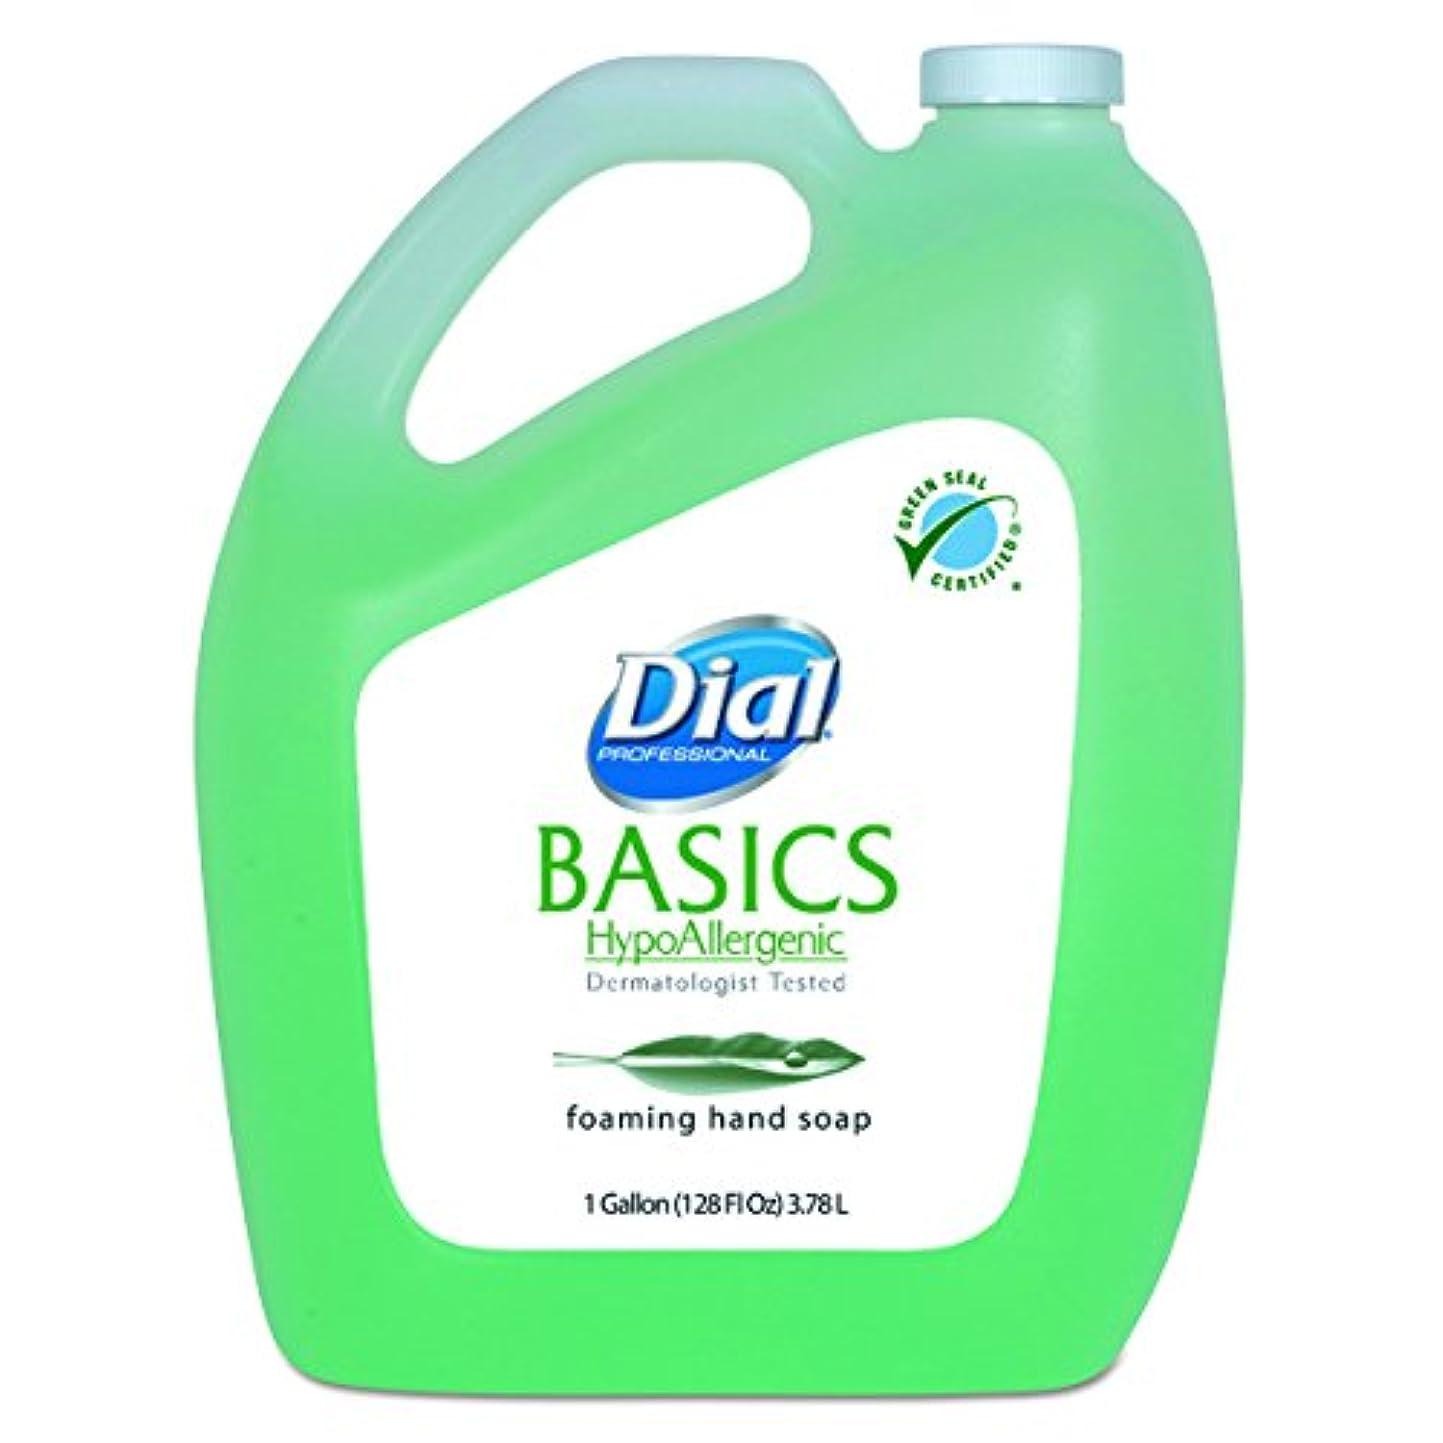 不良品カリキュラムのりダイヤルProfessional Basics Foaming Hand Soap、オリジナル、スイカズラ、1ガロンボトル、4 /カートン